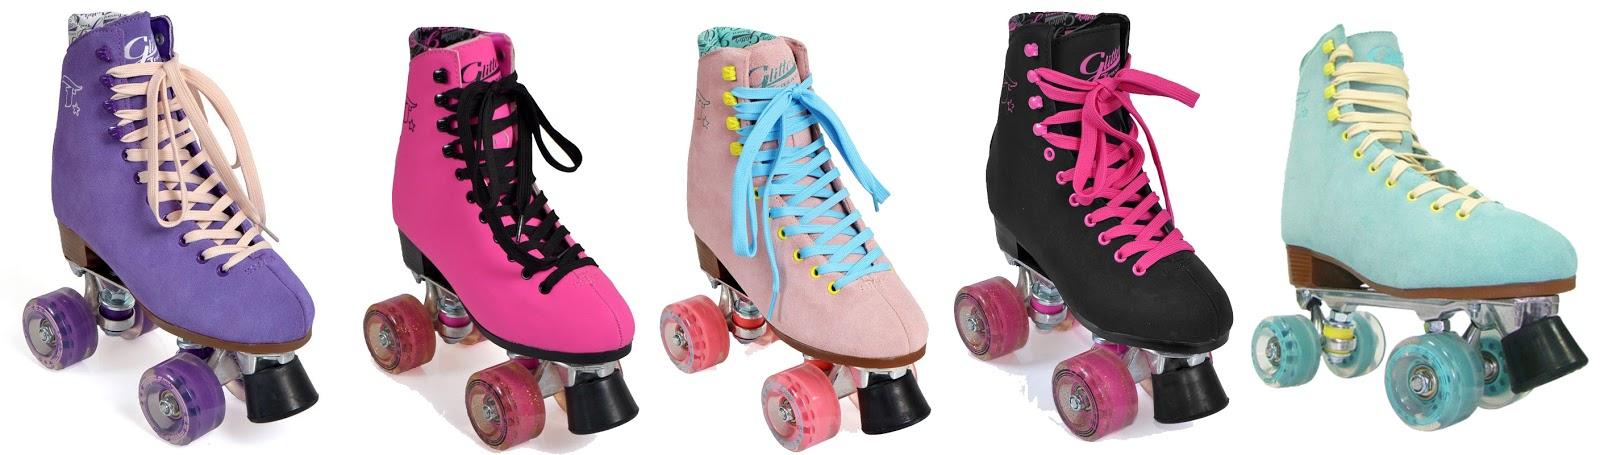 Esse modelo da Traxart também tem a bota de camurça com várias cores  diferentes. Tem roxo 783e44f9d52